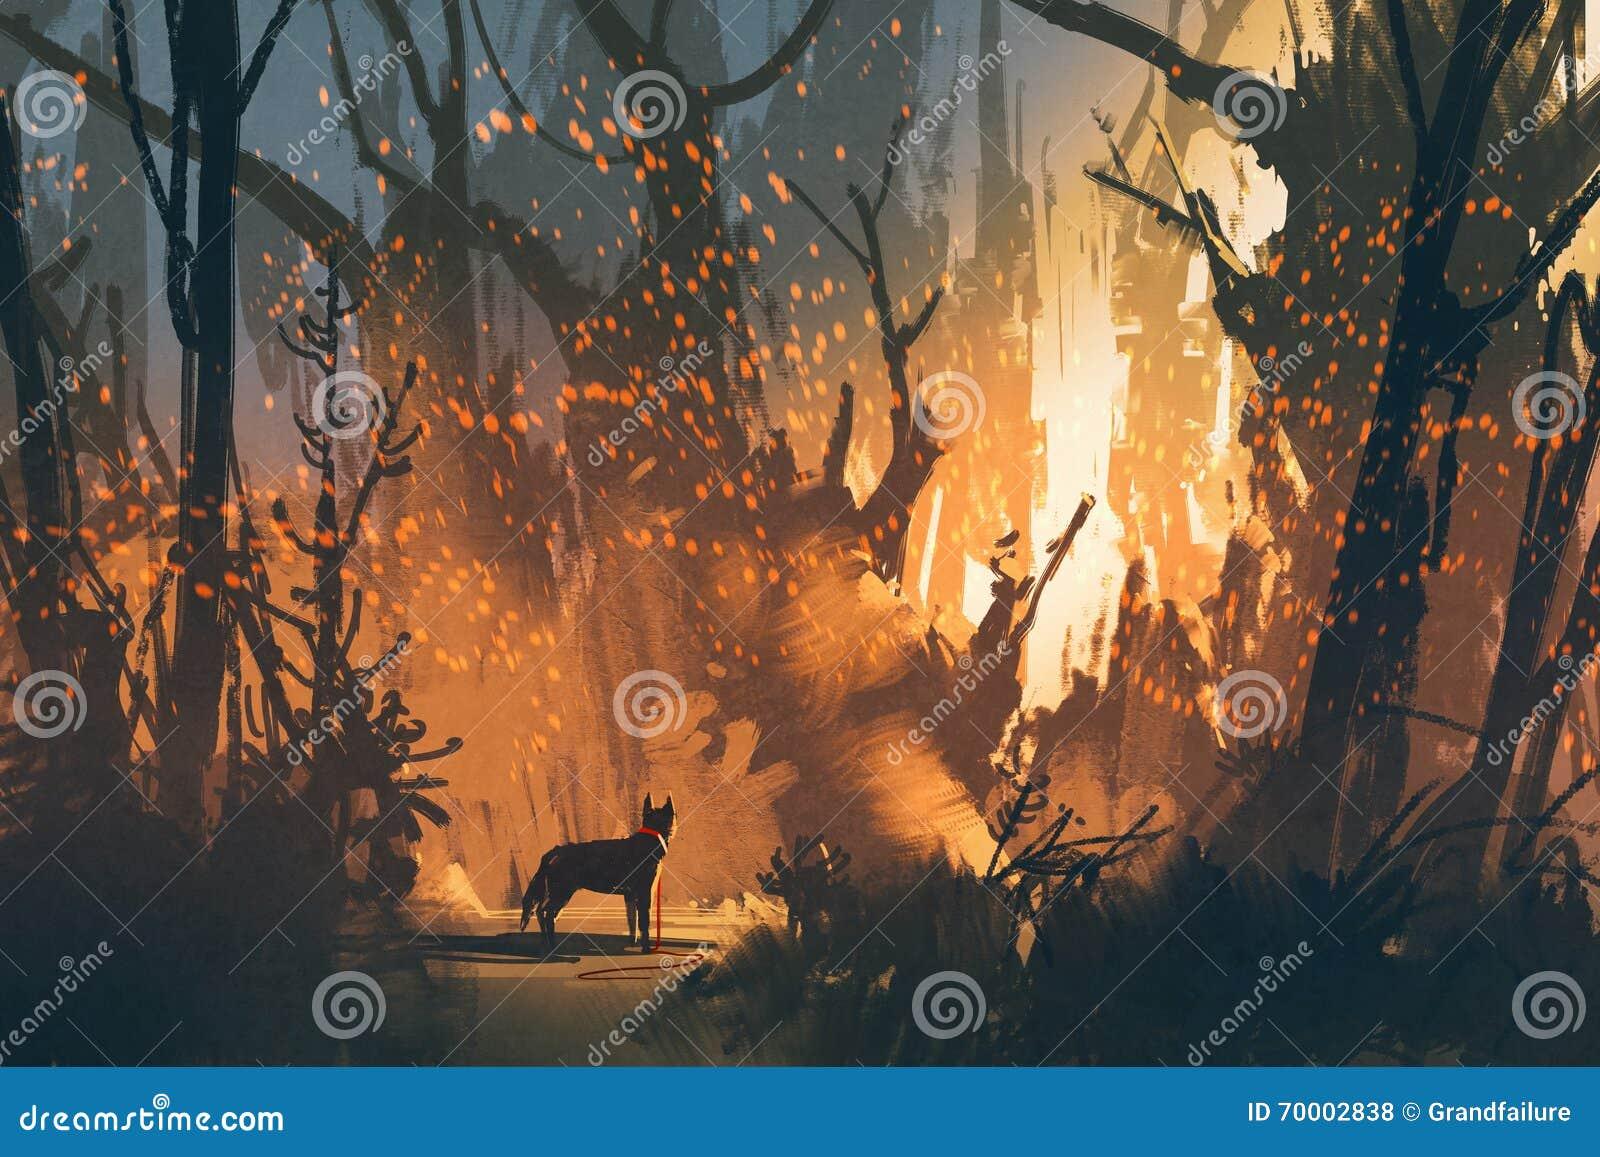 Χαμένο σκυλί στο δάσος με το απόκρυφο φως